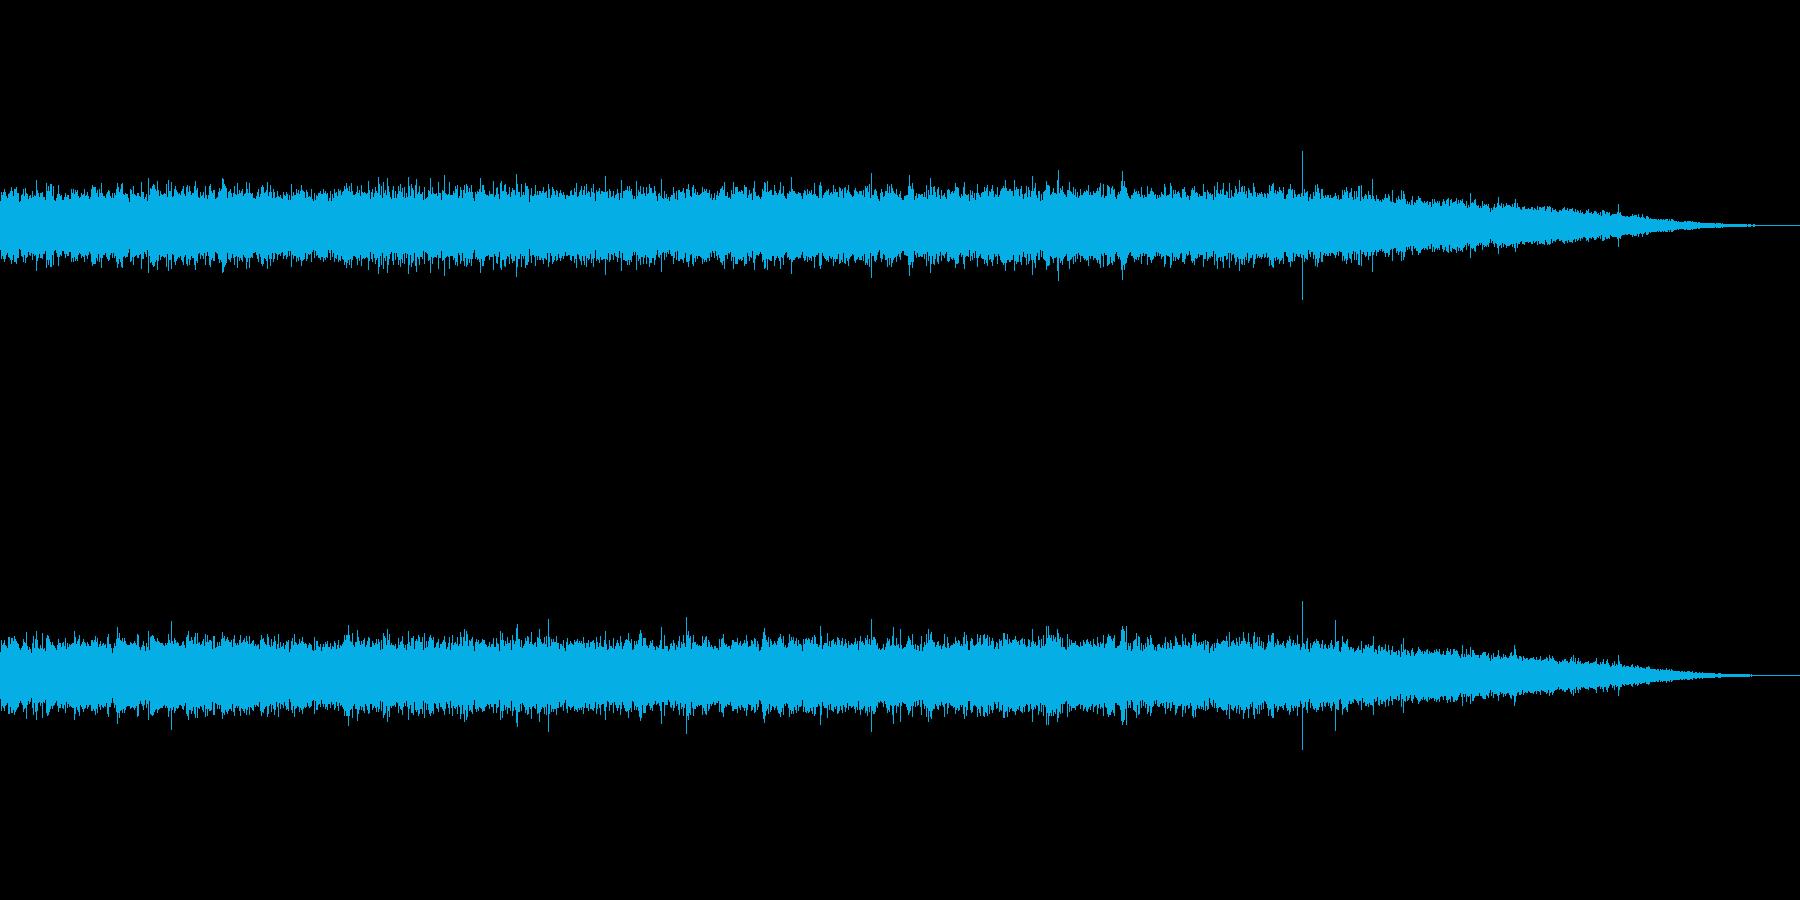 少し激しめの川の流れ(ザー!)の再生済みの波形